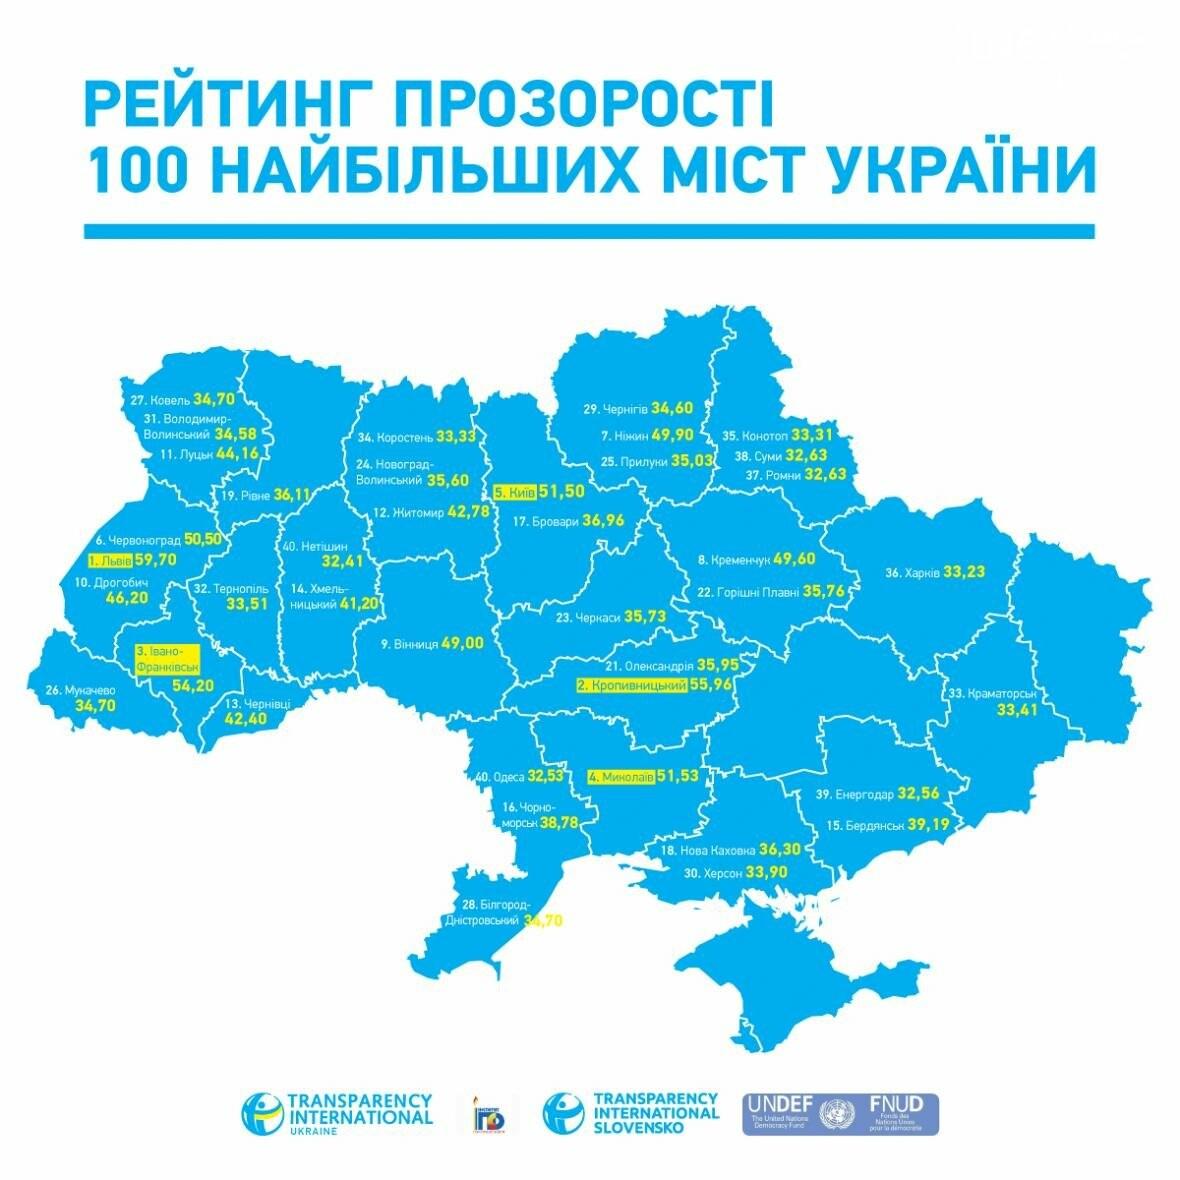 По прозрачности Чернигов – 28-й из 100 городов. Власть недовольна, фото-1